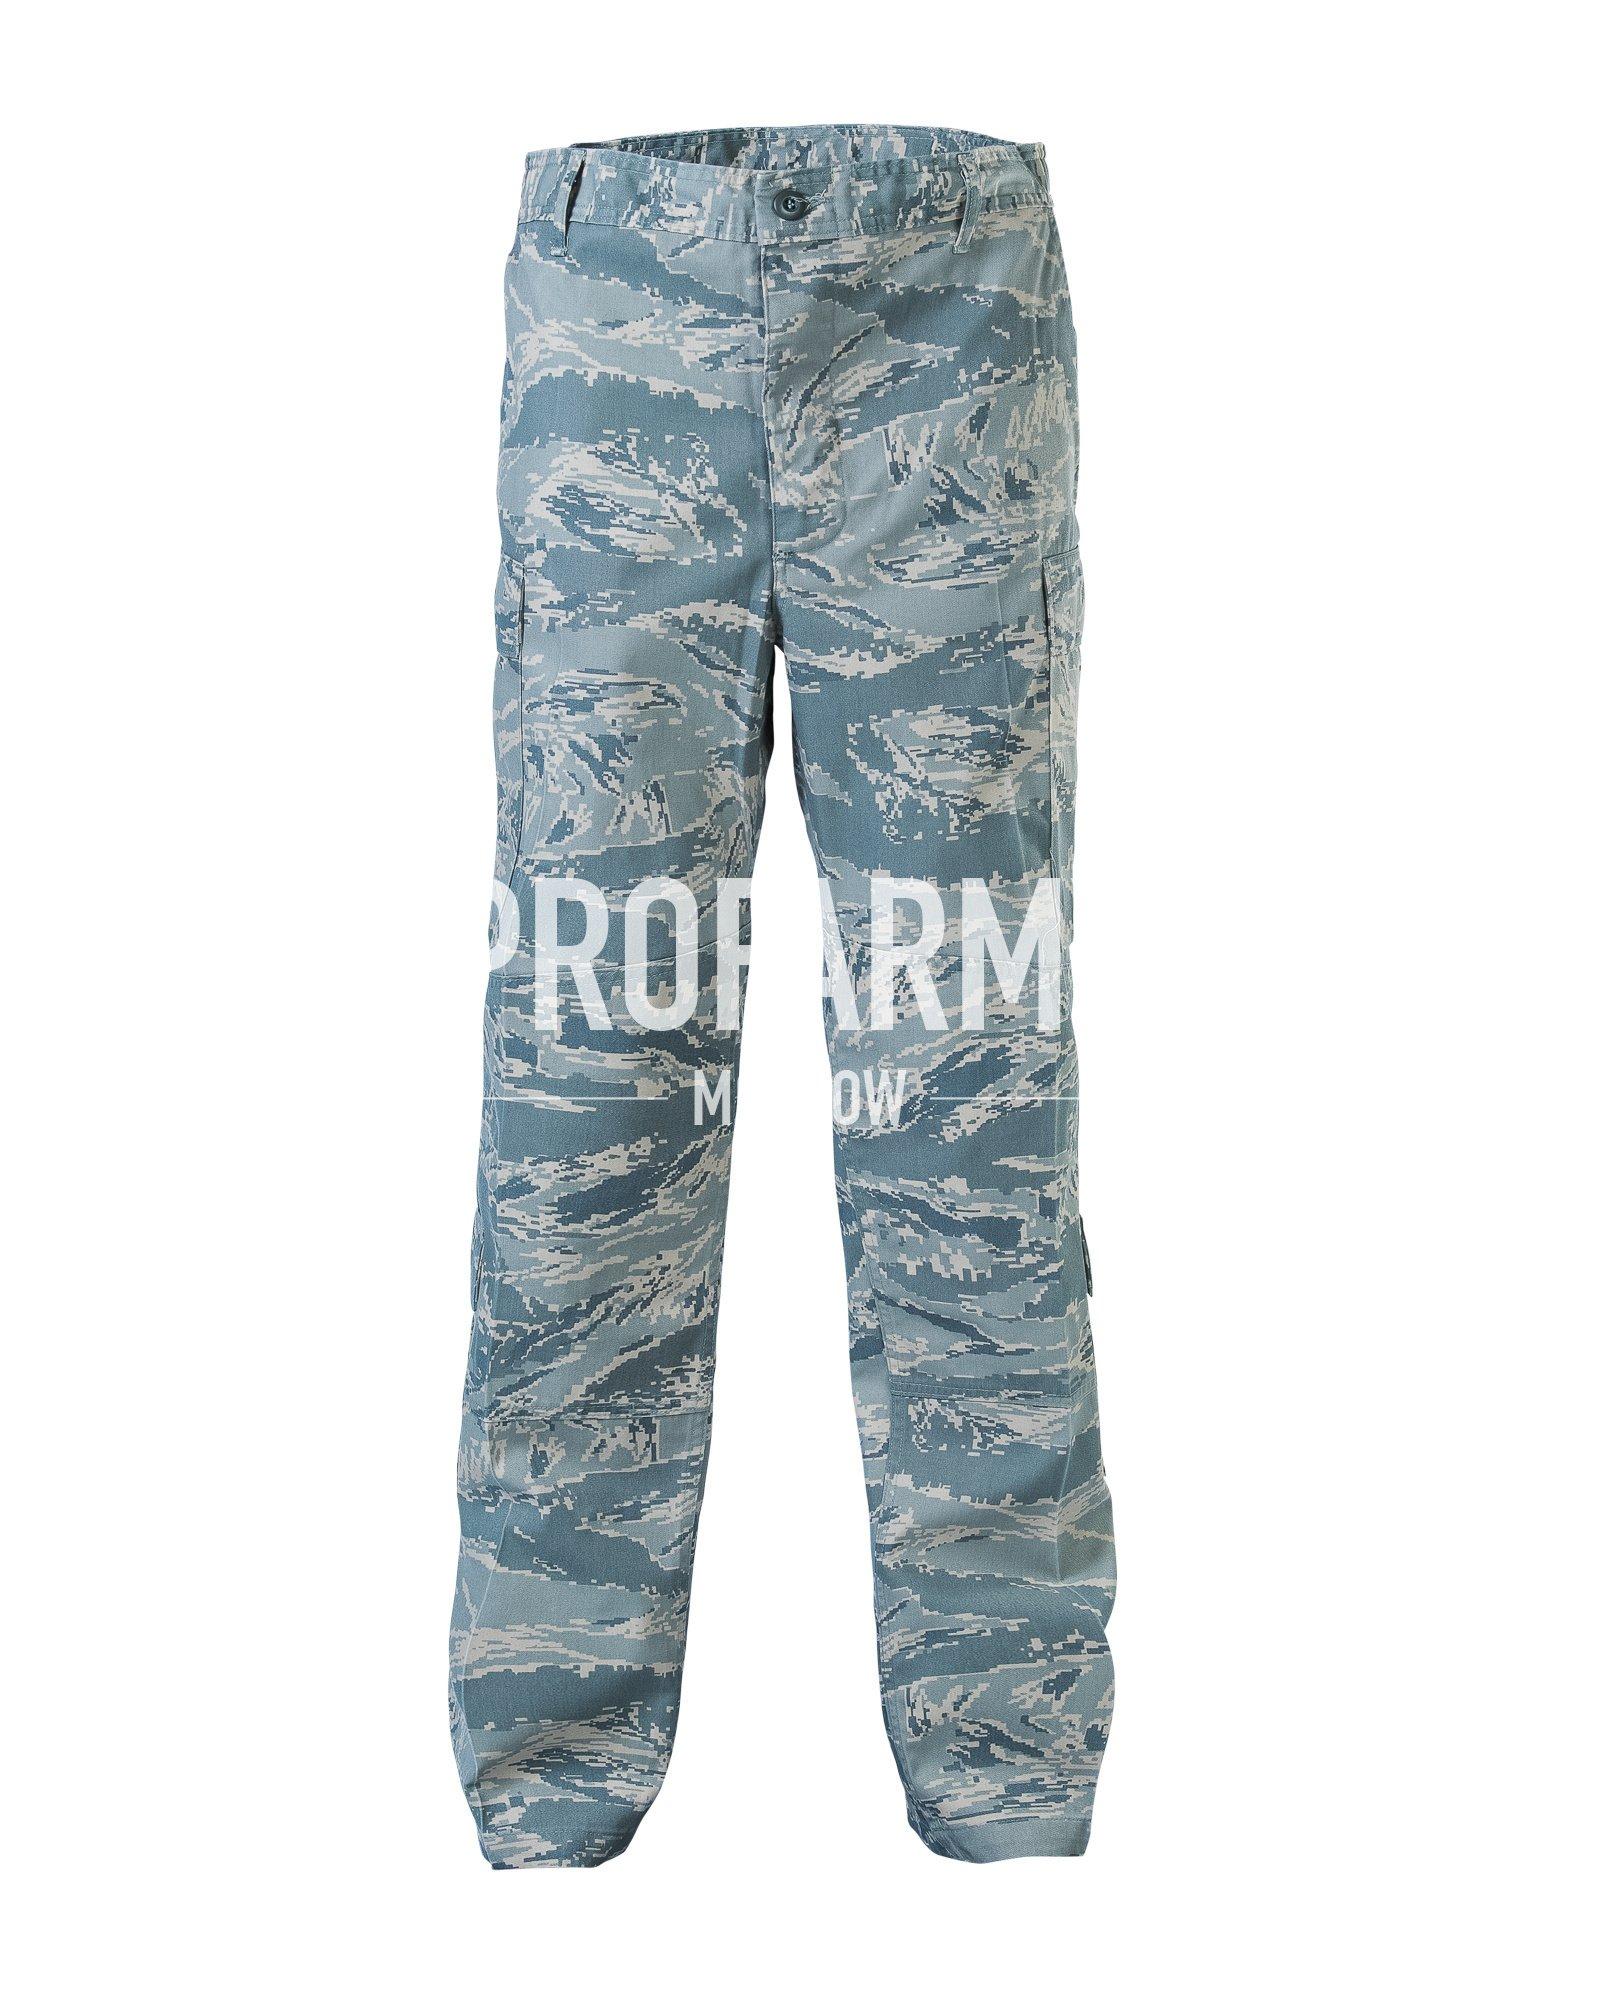 Брюки БДУ (диджитал серый), Тактические брюки - арт. 898010344